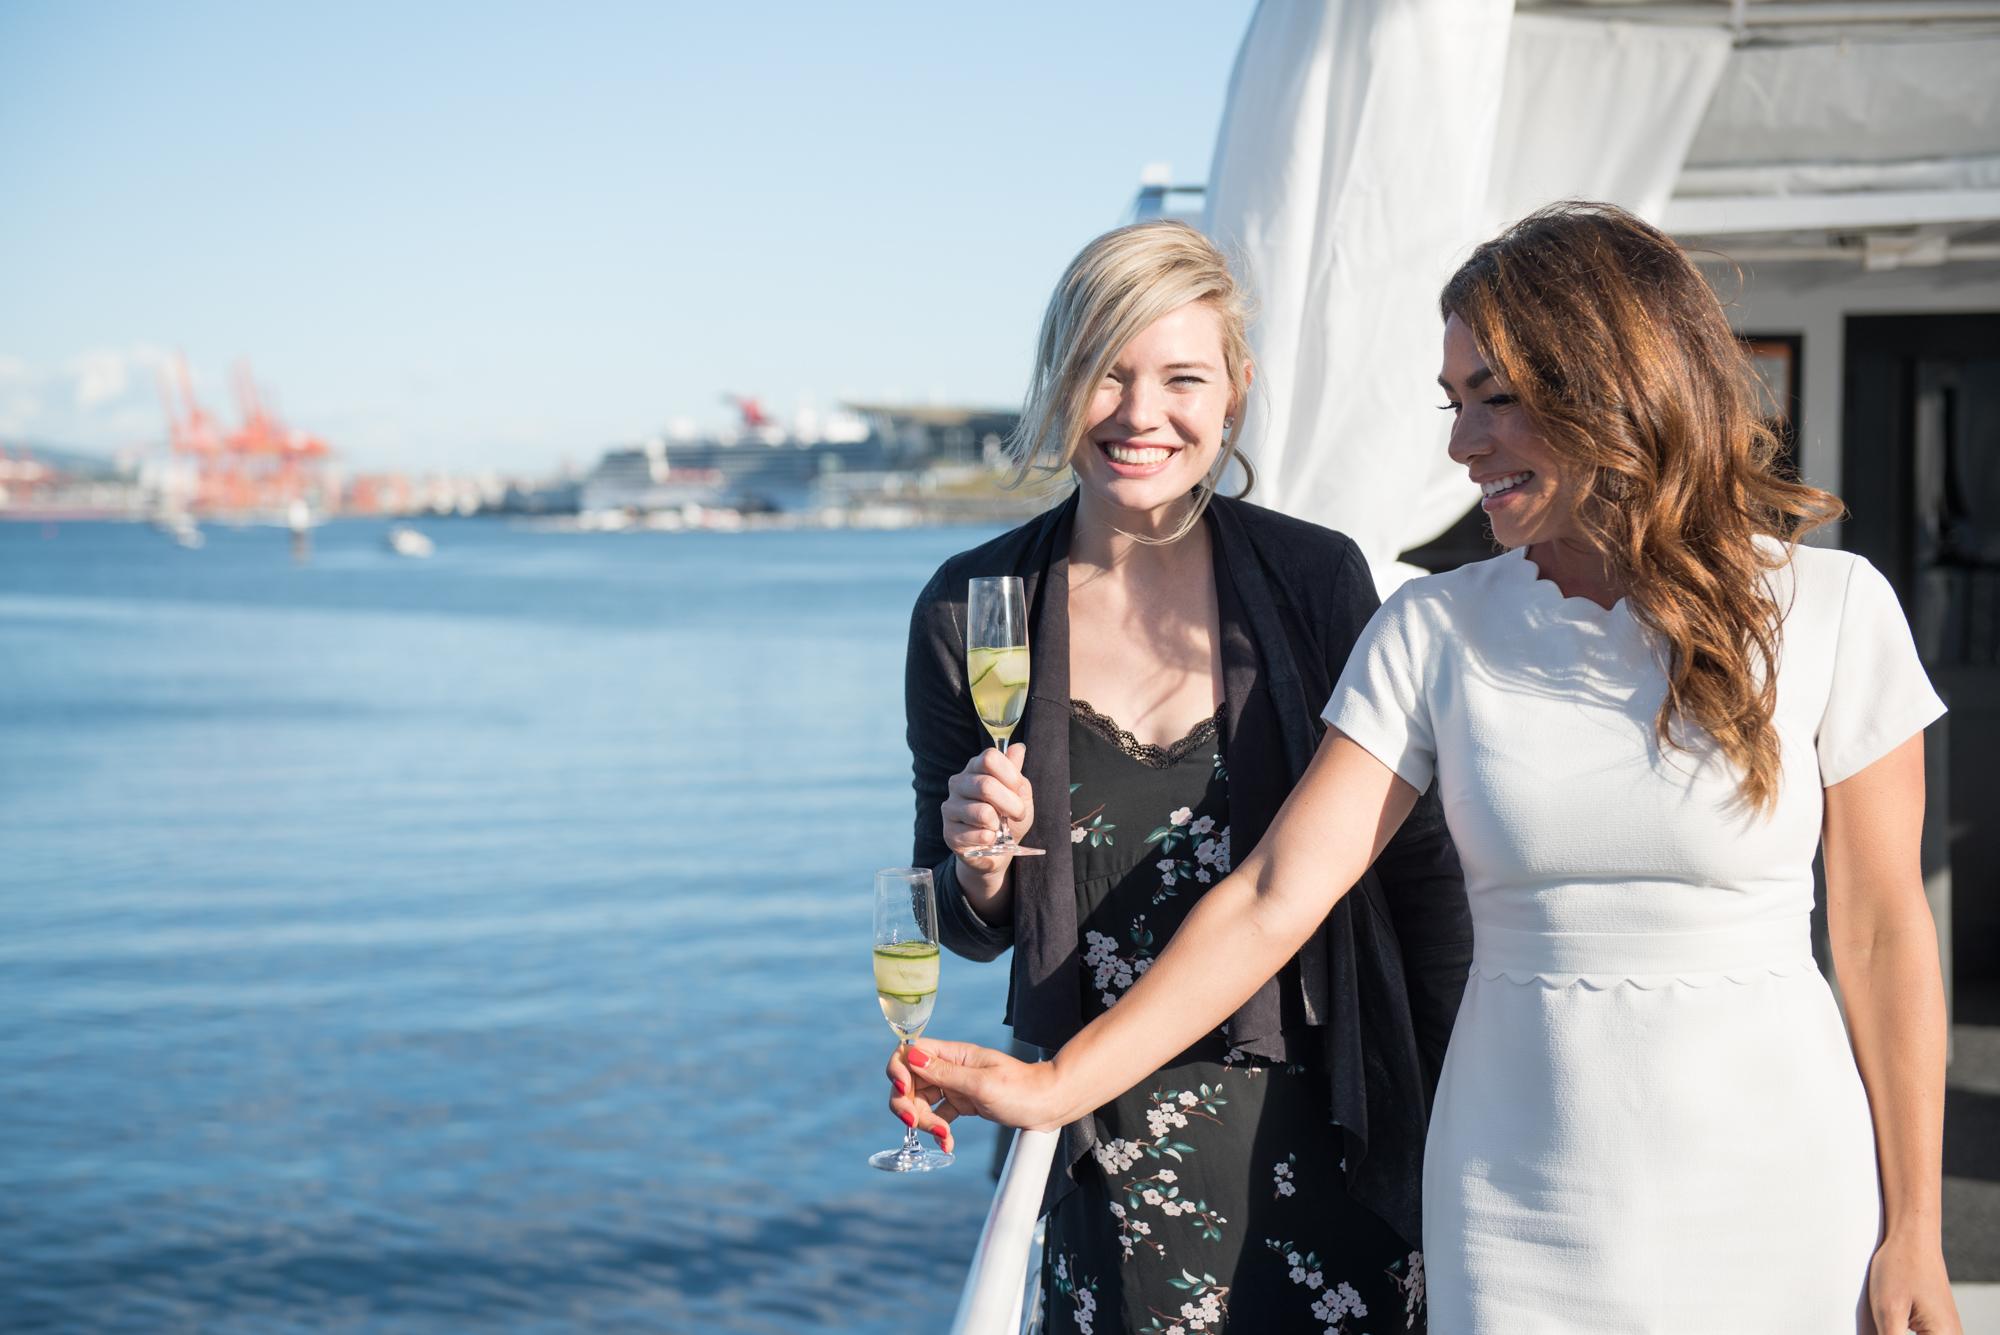 Karin-Bohn-Cocktail-Convo-Danielle-Wiebe